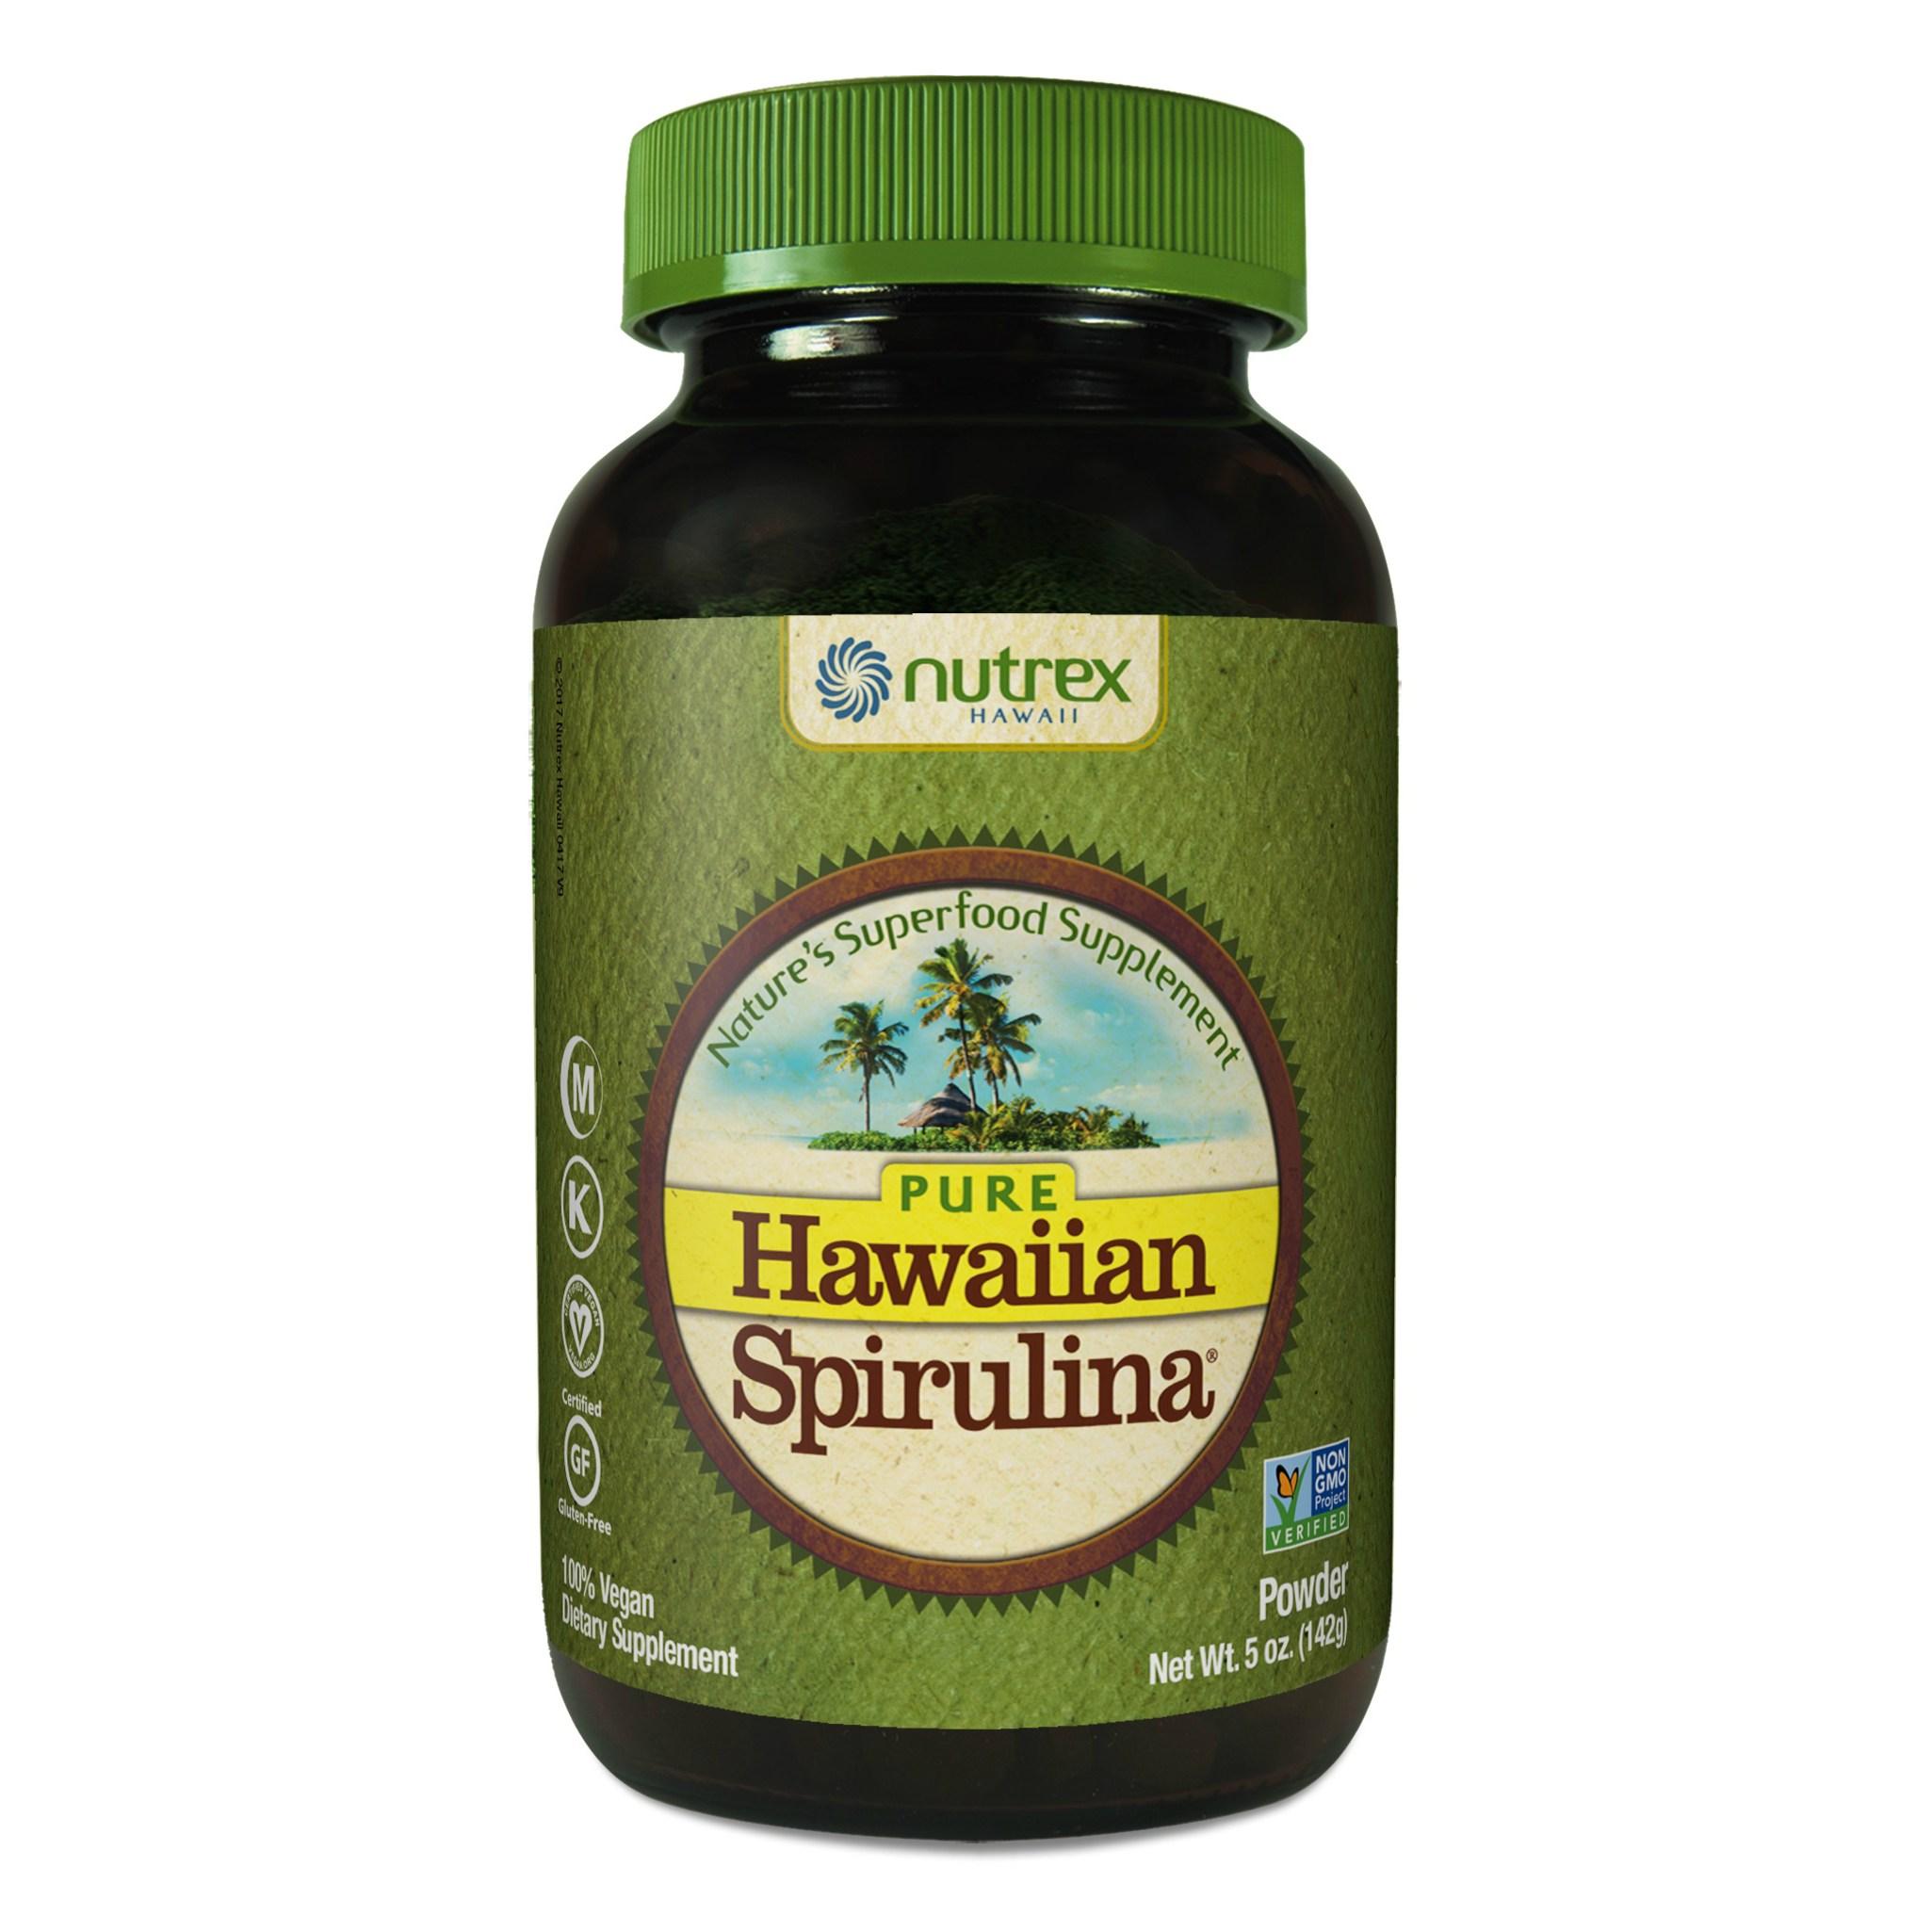 뉴트렉스하와이 퓨어 하와이안 스피룰리나 퍼시피카 파우더, 142g, 1개